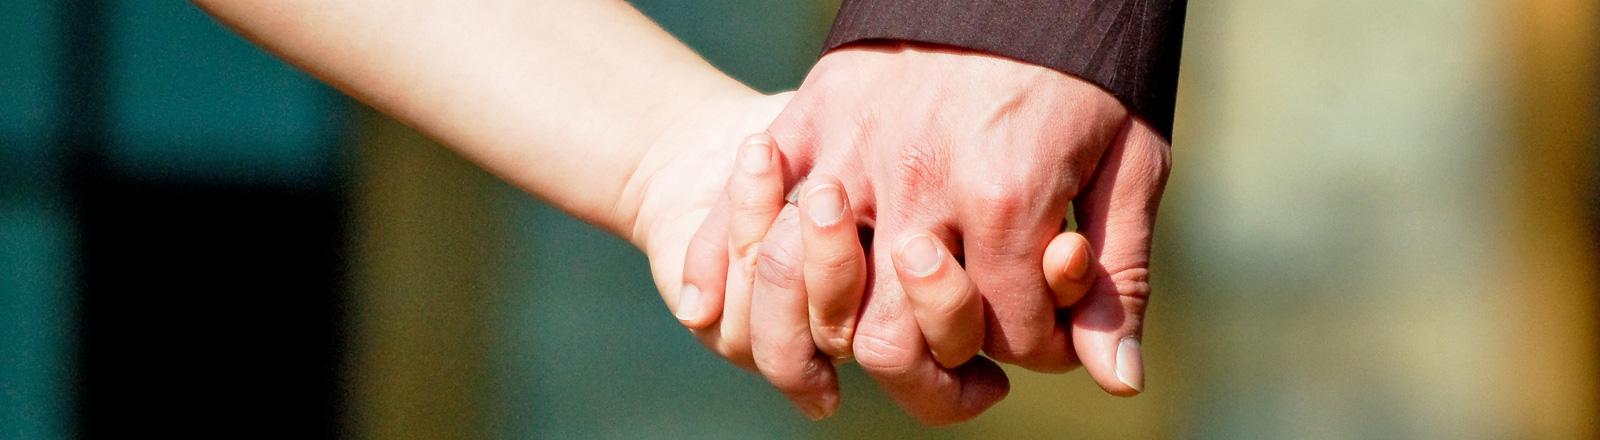 Zwei Hände greifen ineinander.